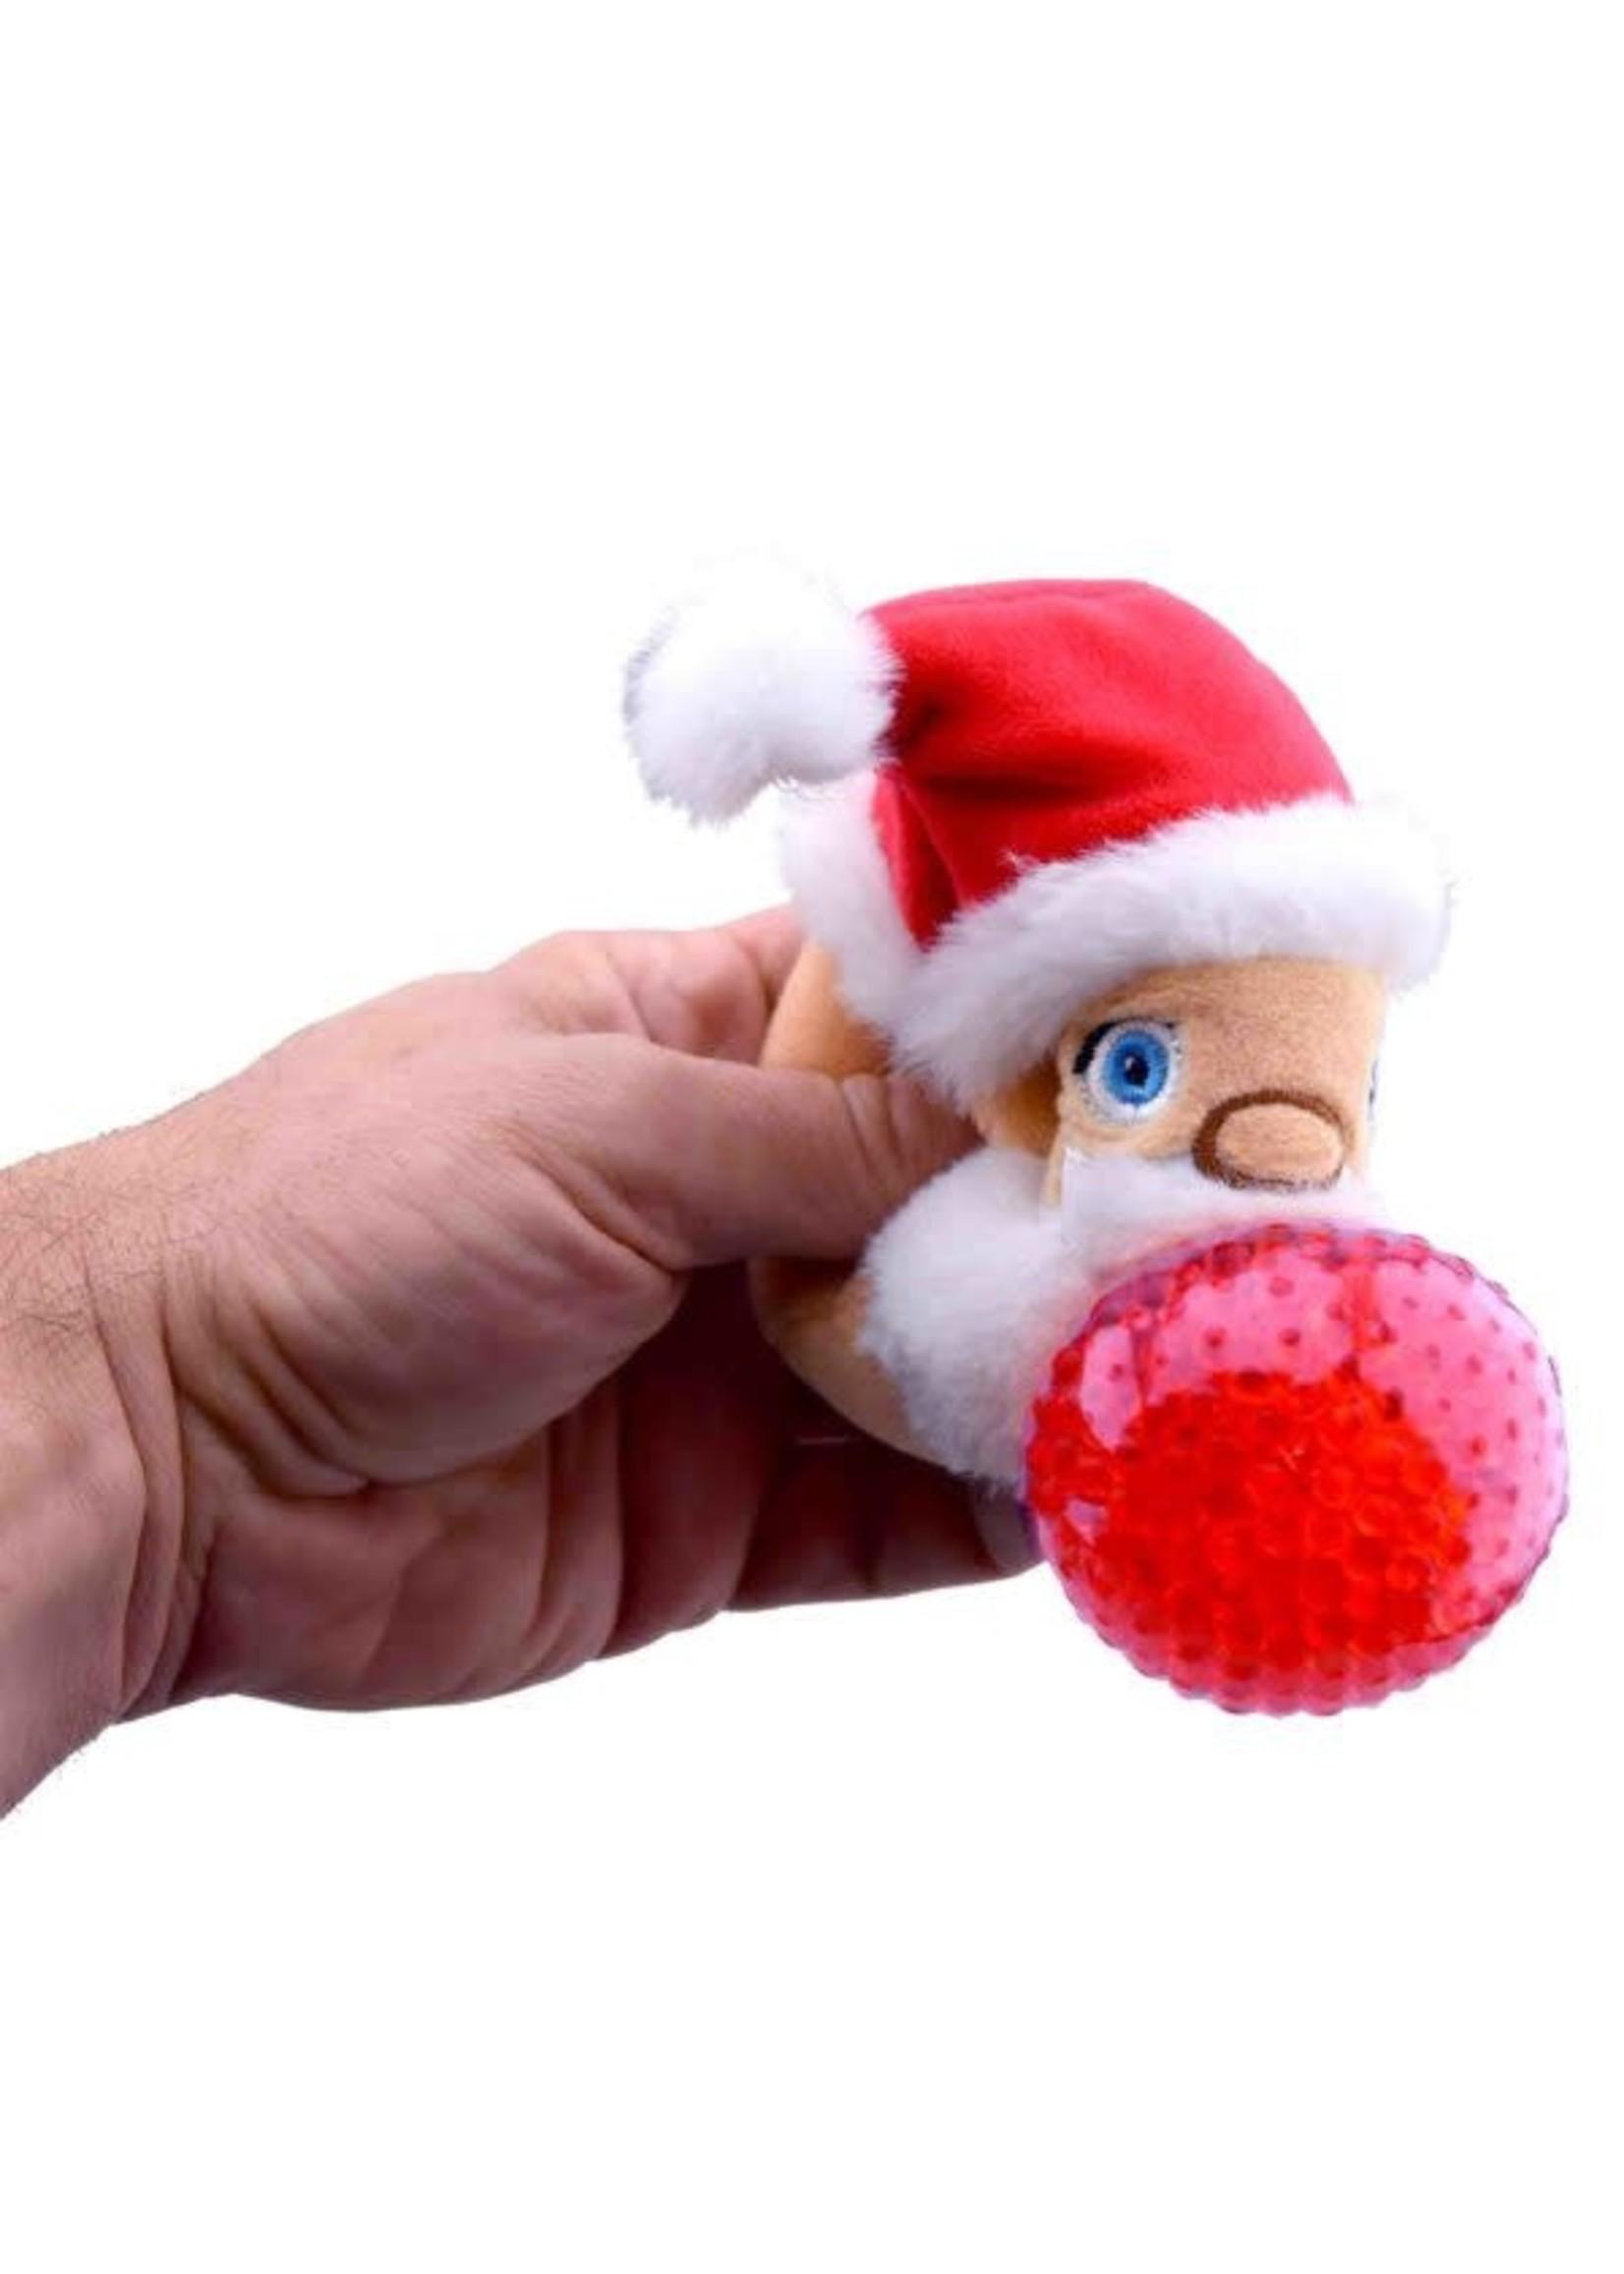 PBJ's Jolly PBJ Squeeze Toy